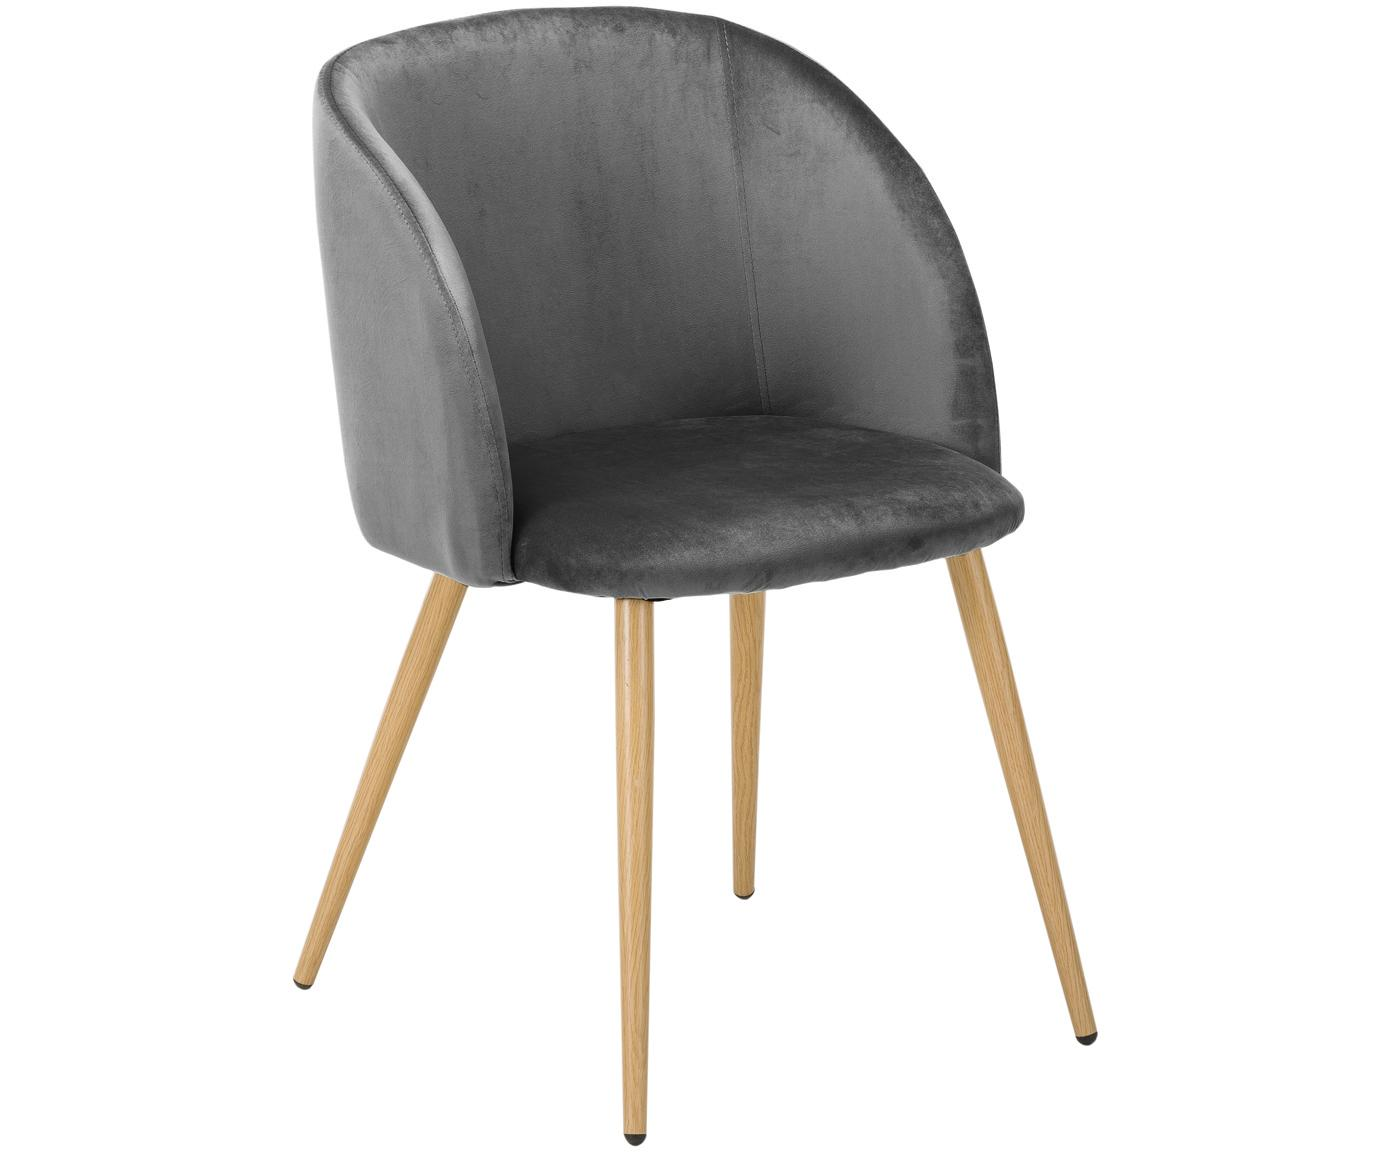 Krzesło tapicerowane z aksamitu Yoki, 2 szt., Tapicerka: aksamit (poliester) 20 00, Nogi: metal o wyglądzie drewna , Aksamitny ciemny szary<br>Nogi: drewno dębowe, S 53 x G 57 cm